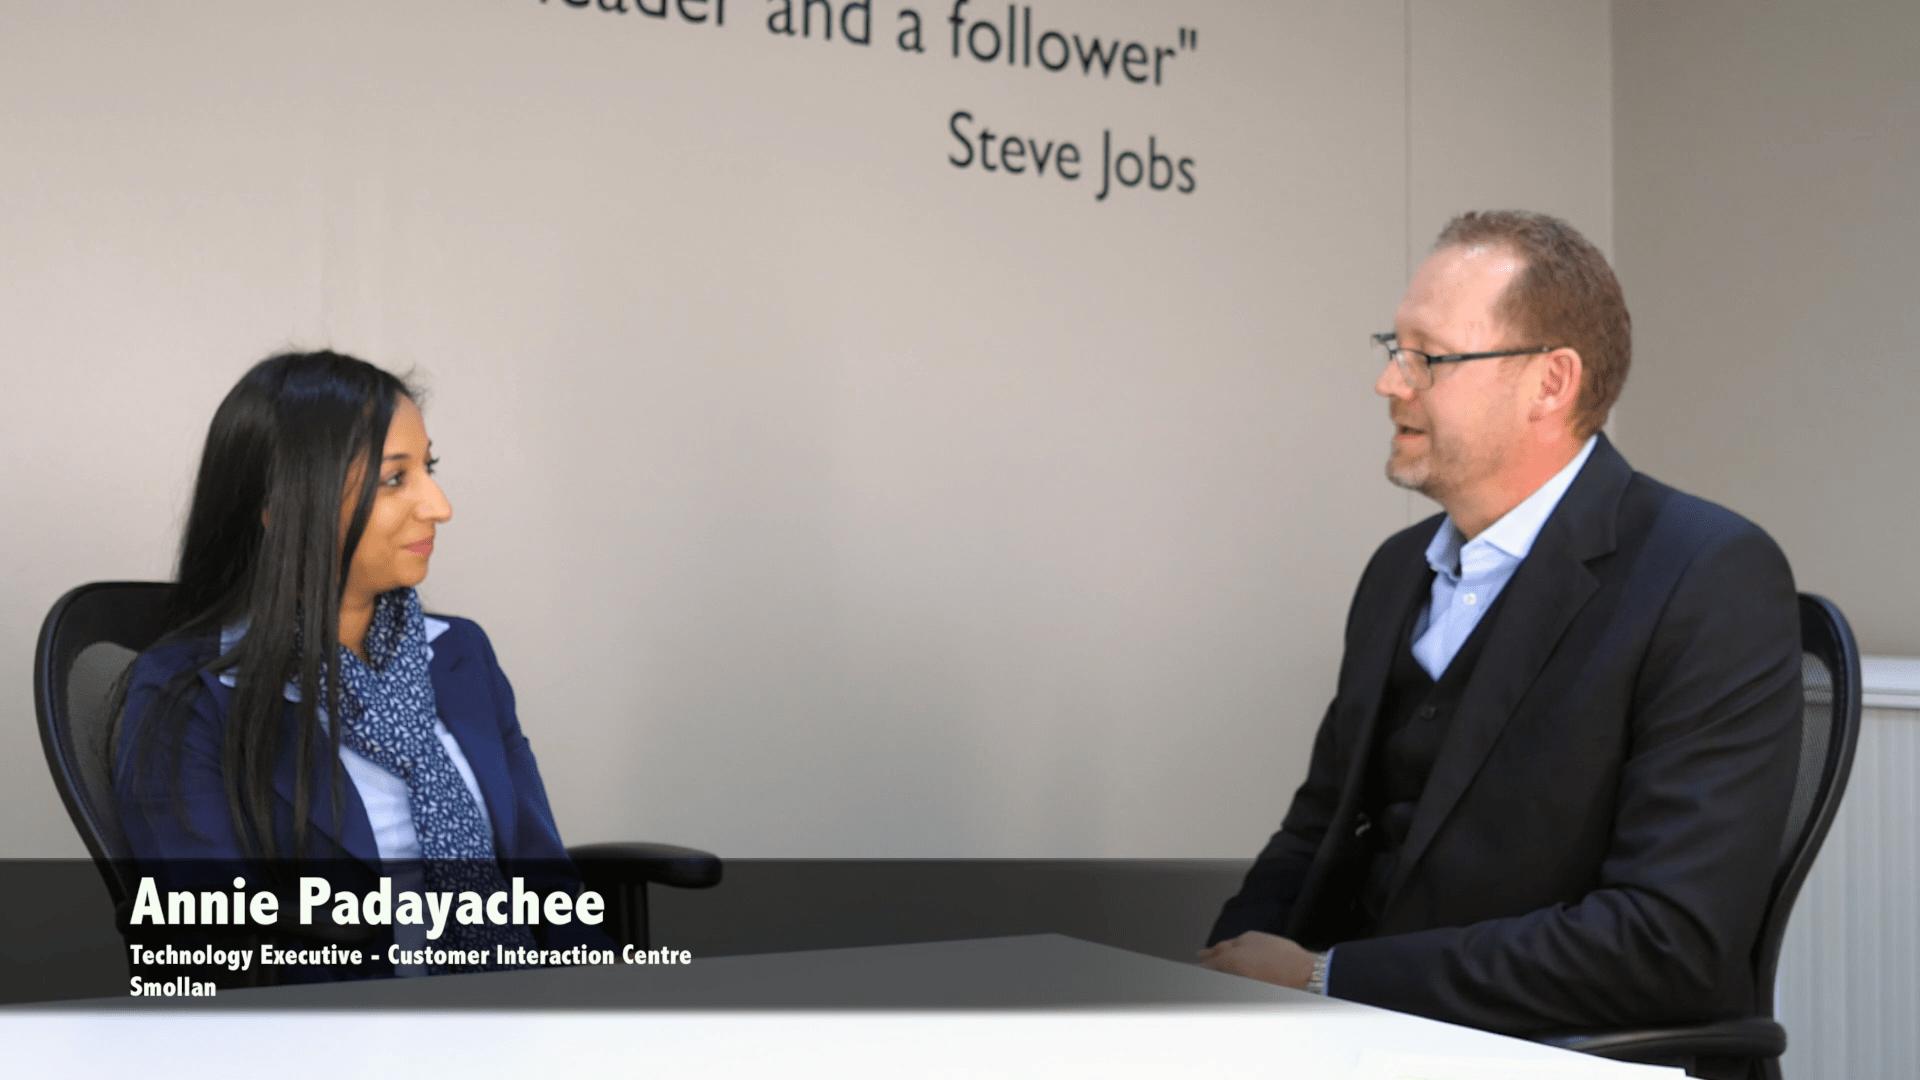 Smollan interview